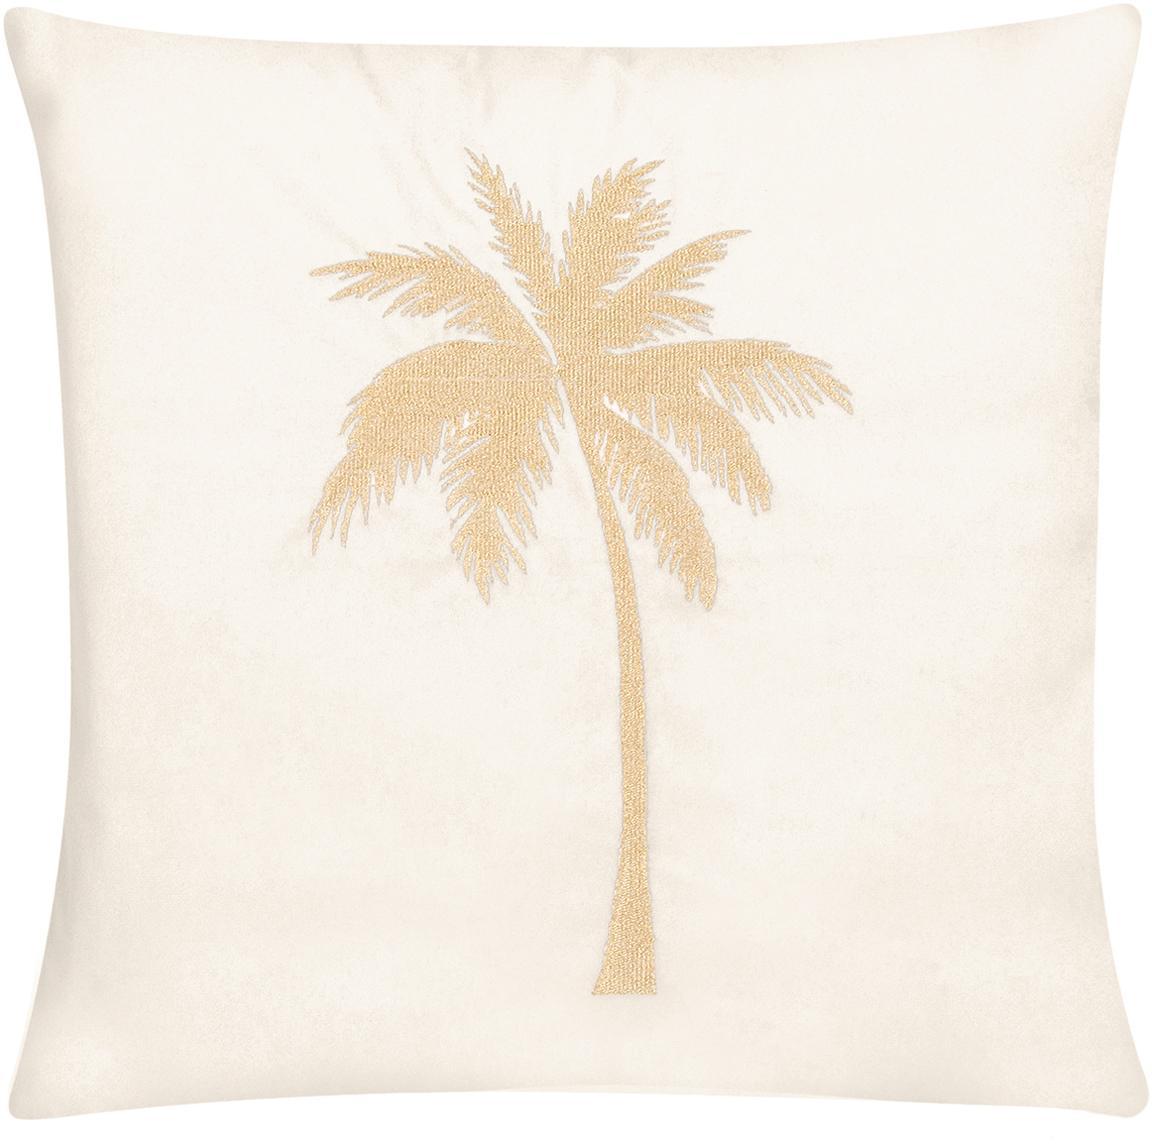 Poszewka na poduszkę z aksamitu Palmsprings, 100% aksamit poliestrowy, Kremowobiały, odcienie złotego, S 40 x D 40 cm